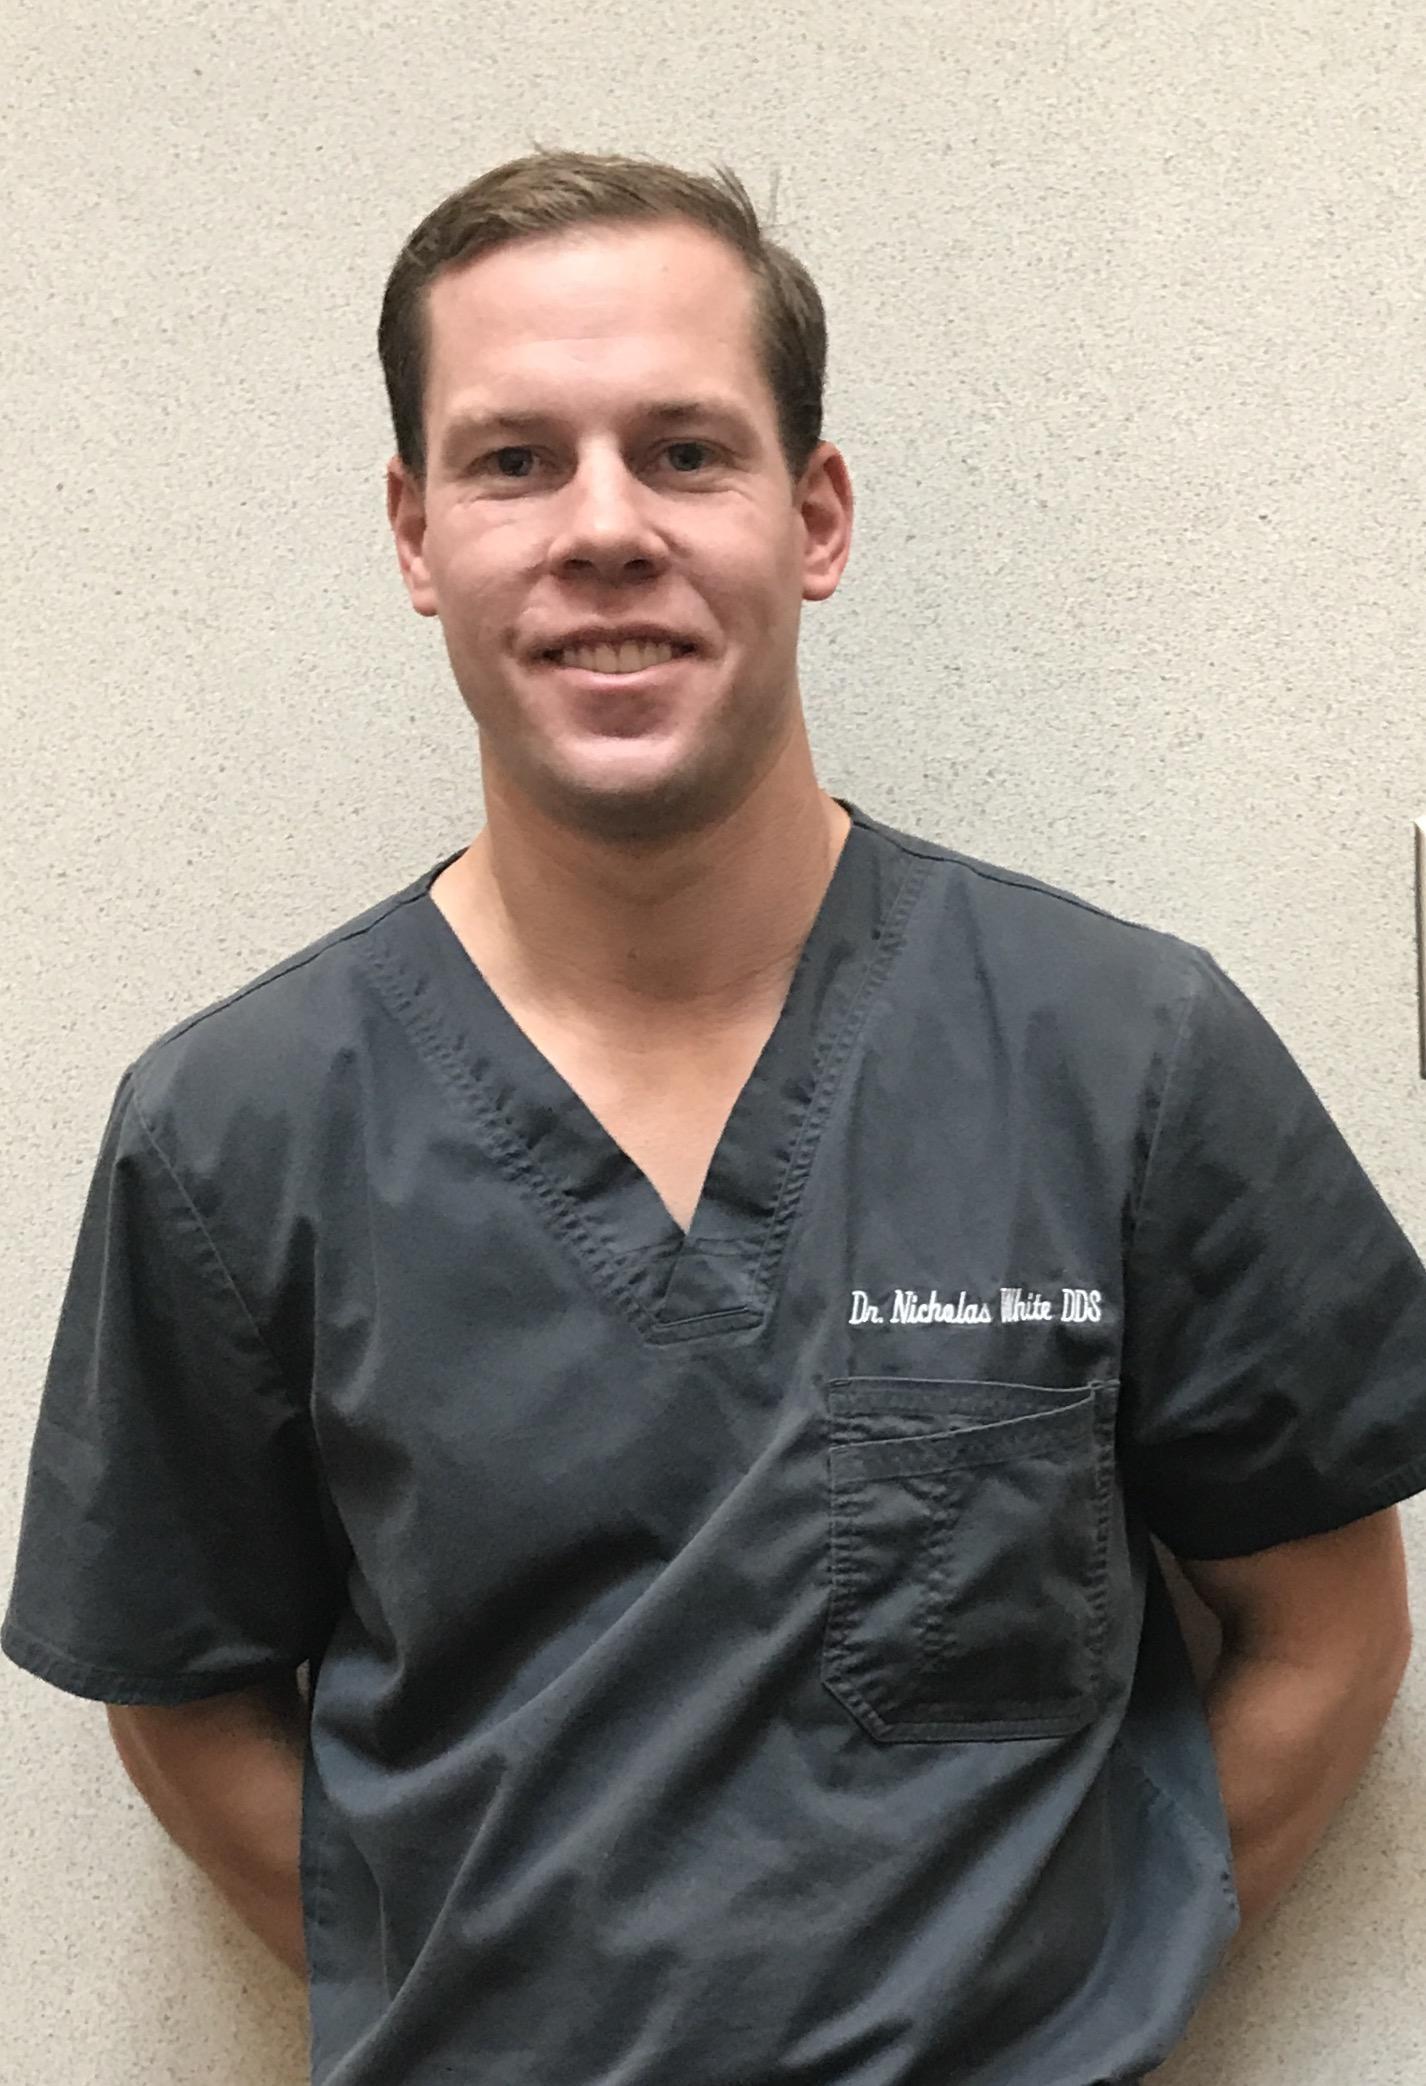 Dr. Nicholas White